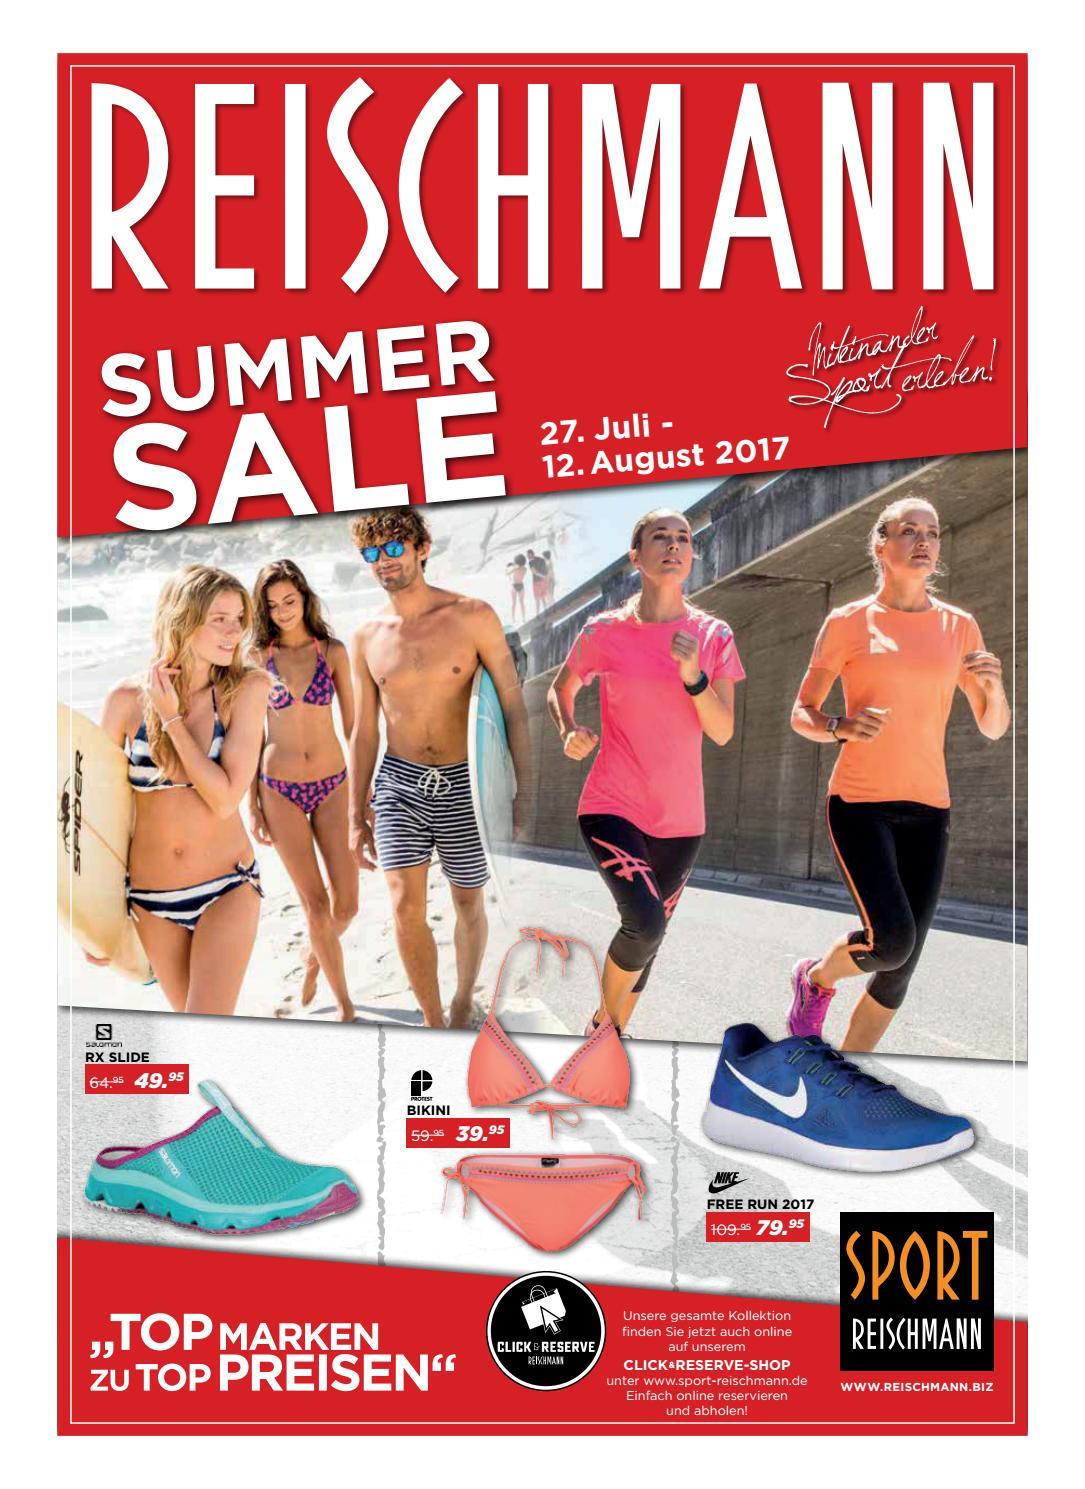 SUMMER SALE by Reischmann Mode+Trend+Sport issuu